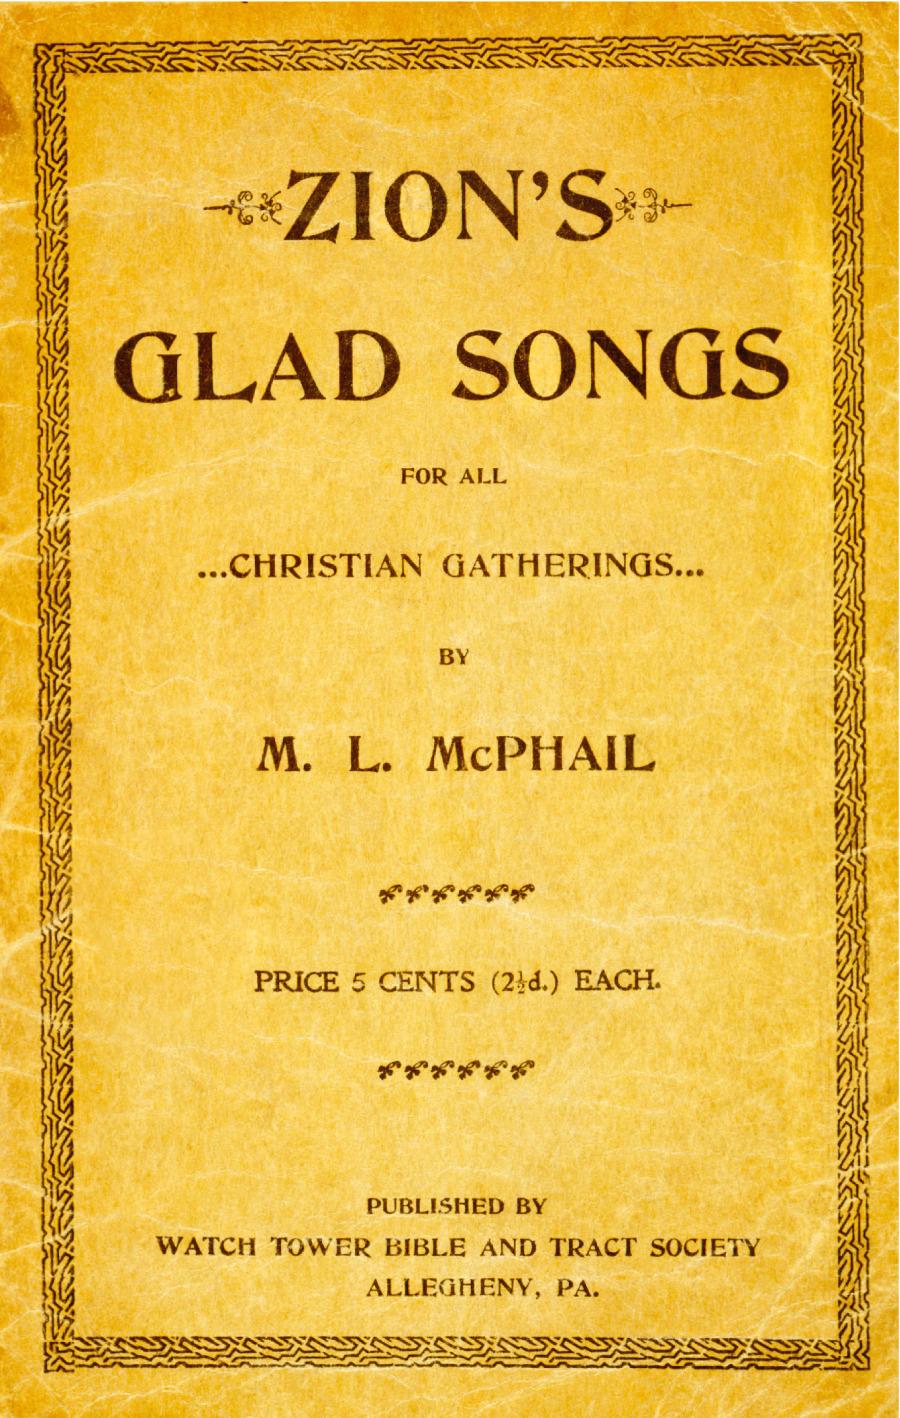 Reunidos para adorao como famlias e congregaes reino de deus capa do livro zions glad songs cnticos alegres de sio 1900 fandeluxe Image collections